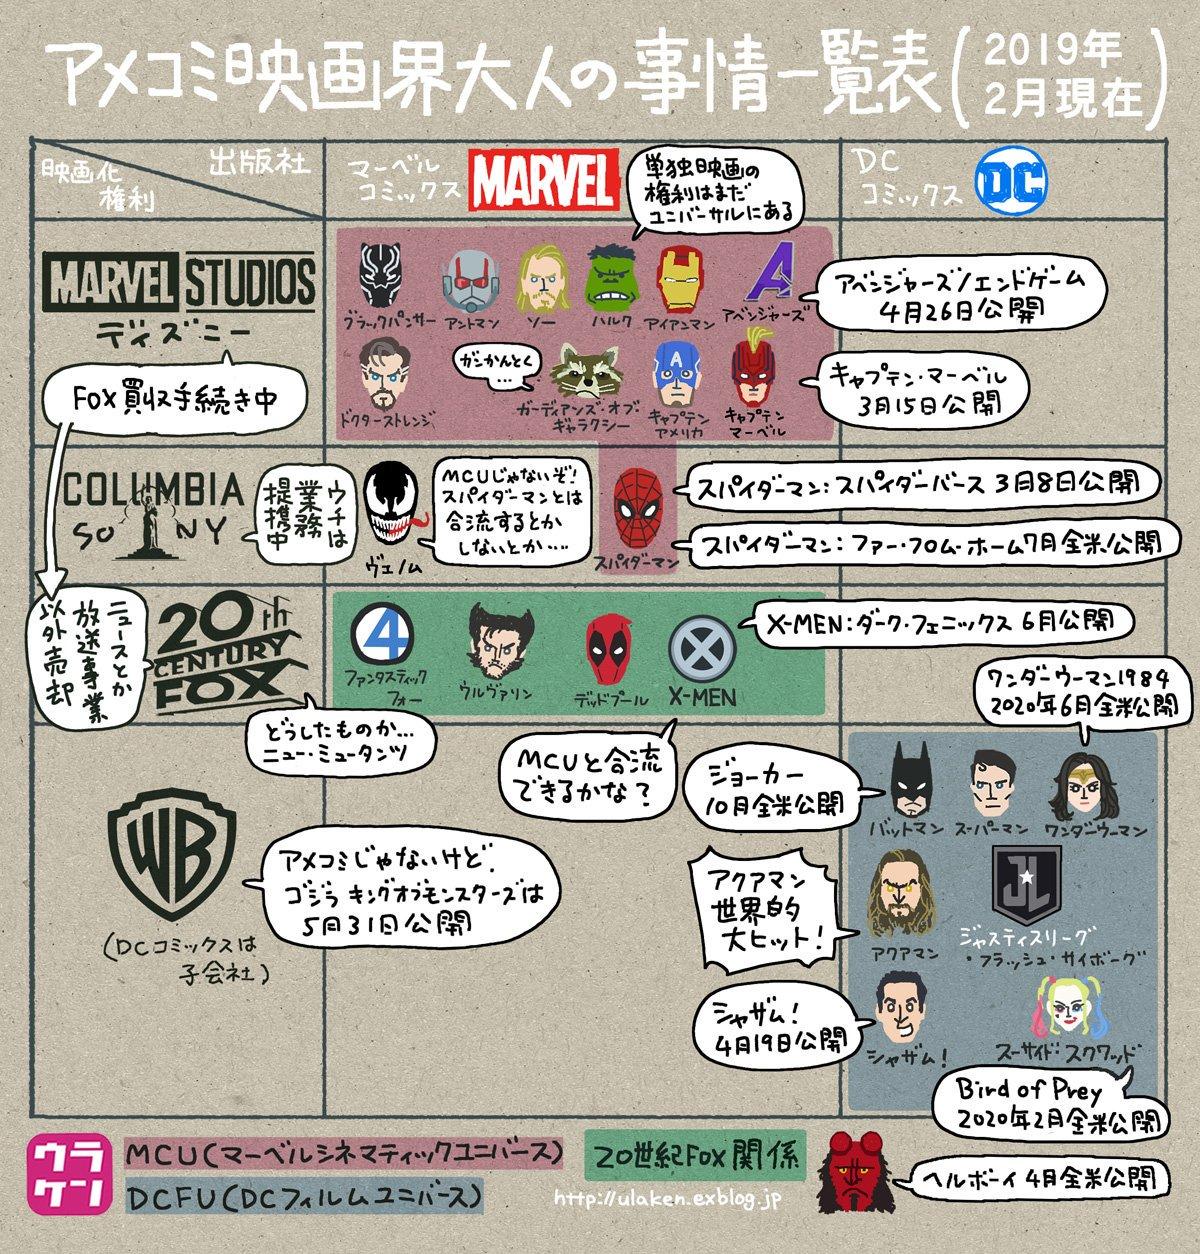 スパイダーマンMCU離脱について友達に「何で?どういうこと?」と聞かれて説明がめんどくさい人のためのアメコミ映画界大人の事情4点セット。 スパイディ、映画の中でも外でも大人の事情に振り回されてて不憫でしかない。